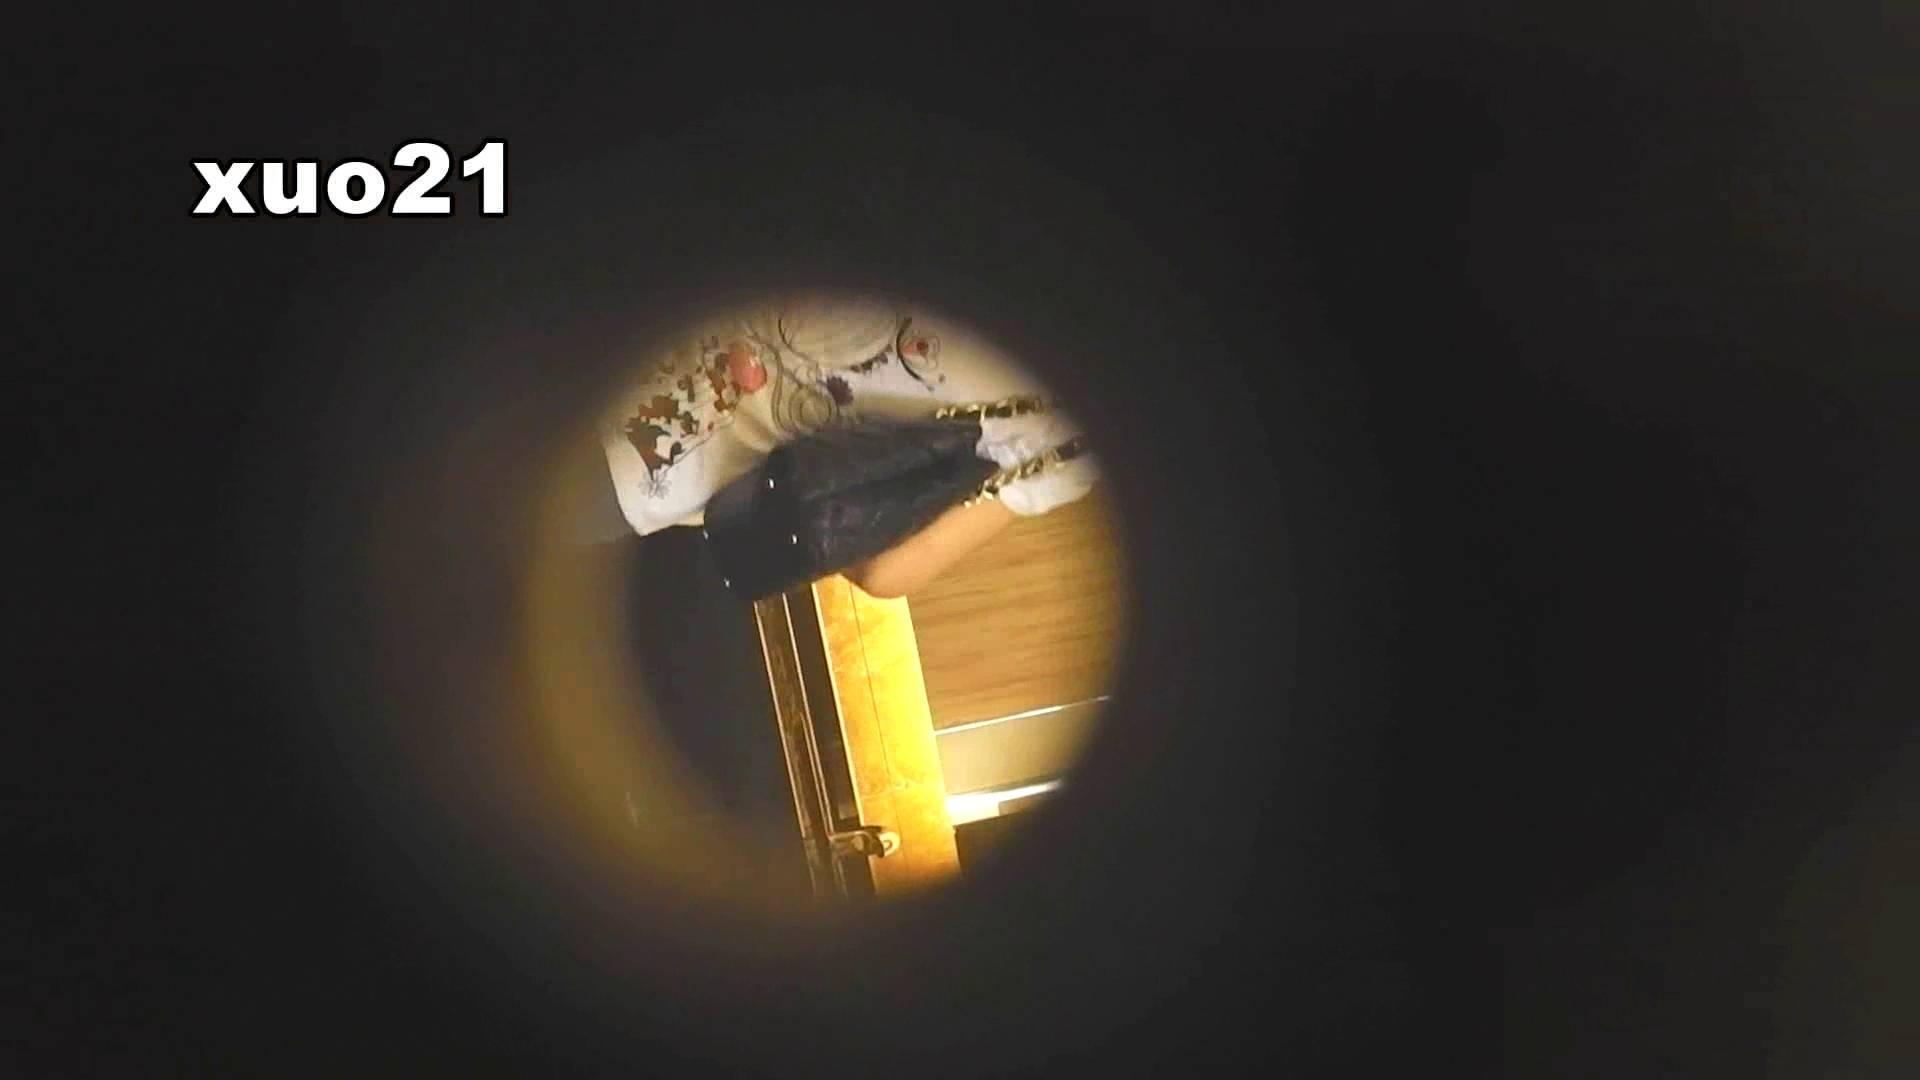 トイレ盗撮|阿国ちゃんの「和式洋式七変化」No.21 キニナル毛|怪盗ジョーカー